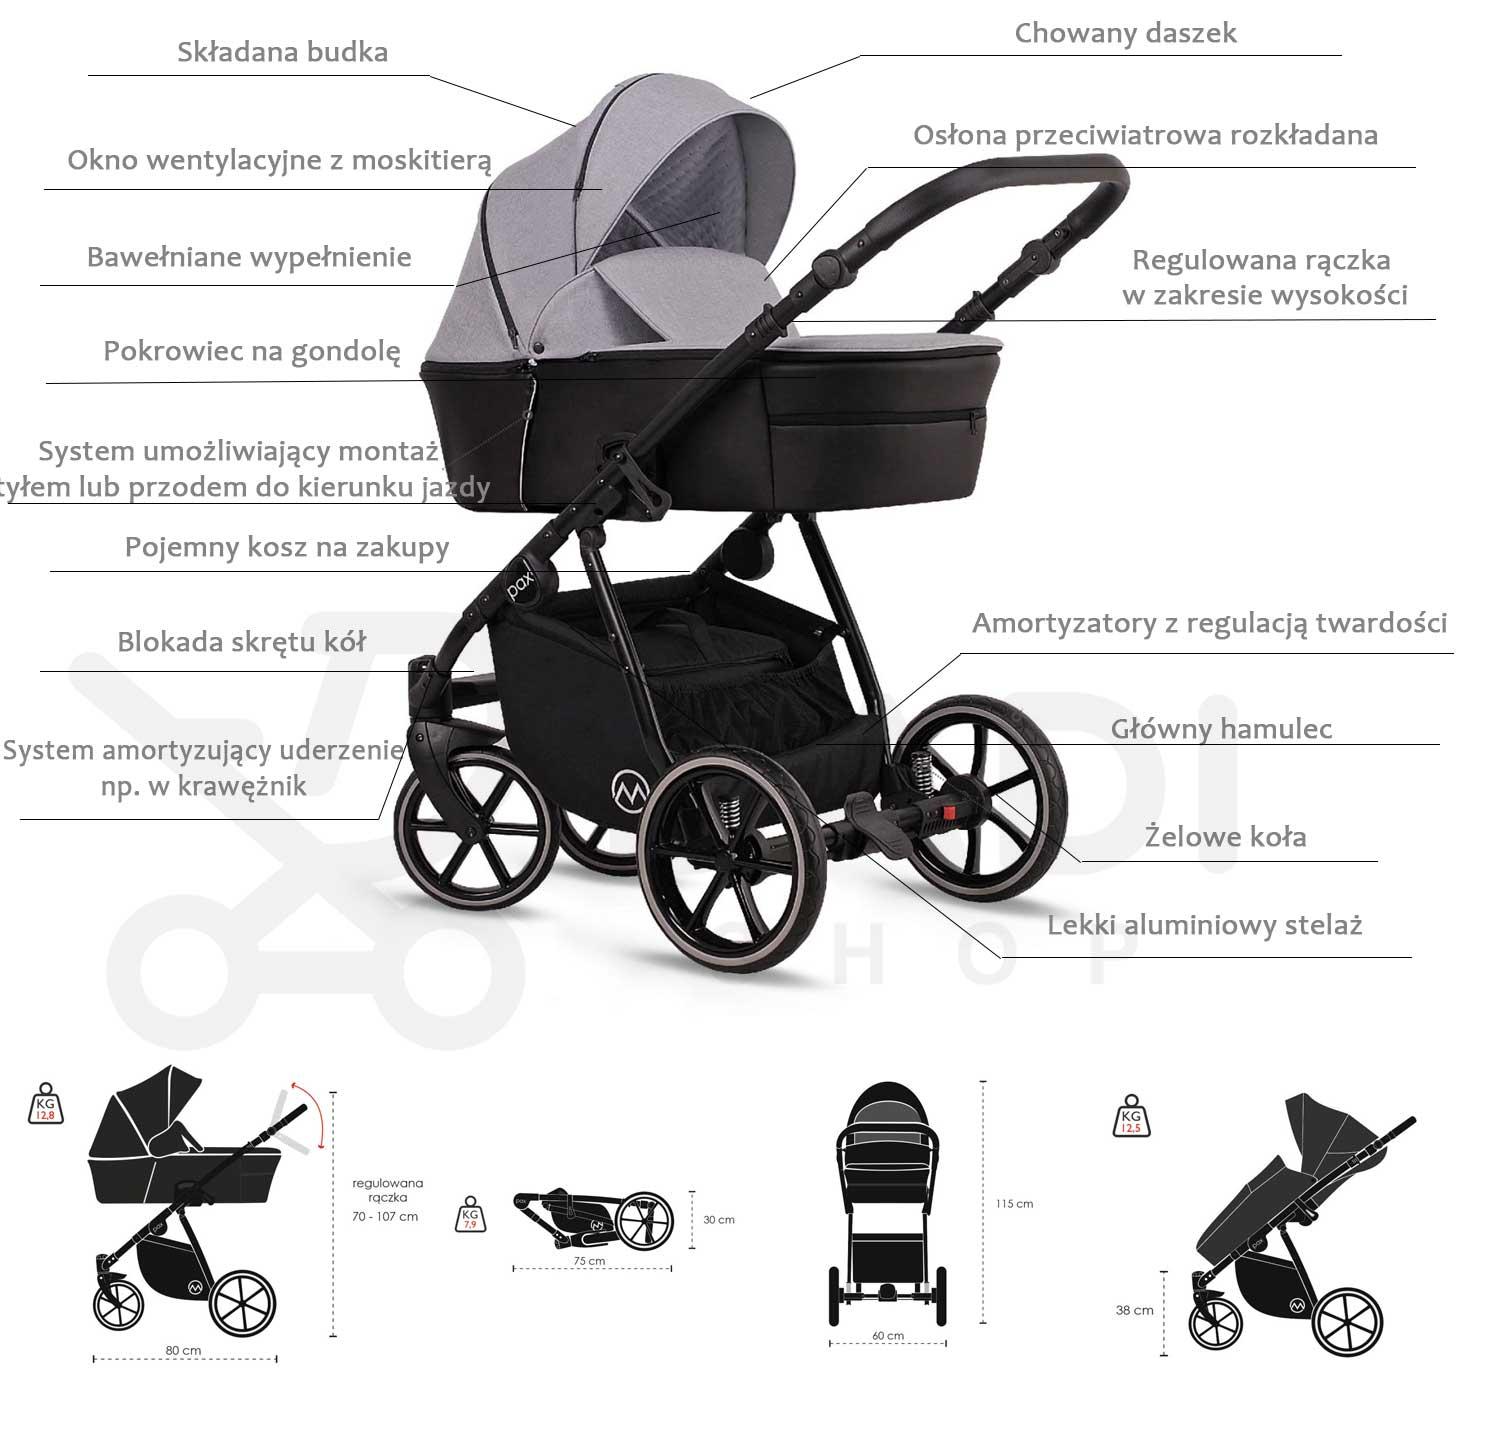 wózek dziecięcy wielofunkcyjny Lonex Pax opis specyfikacja